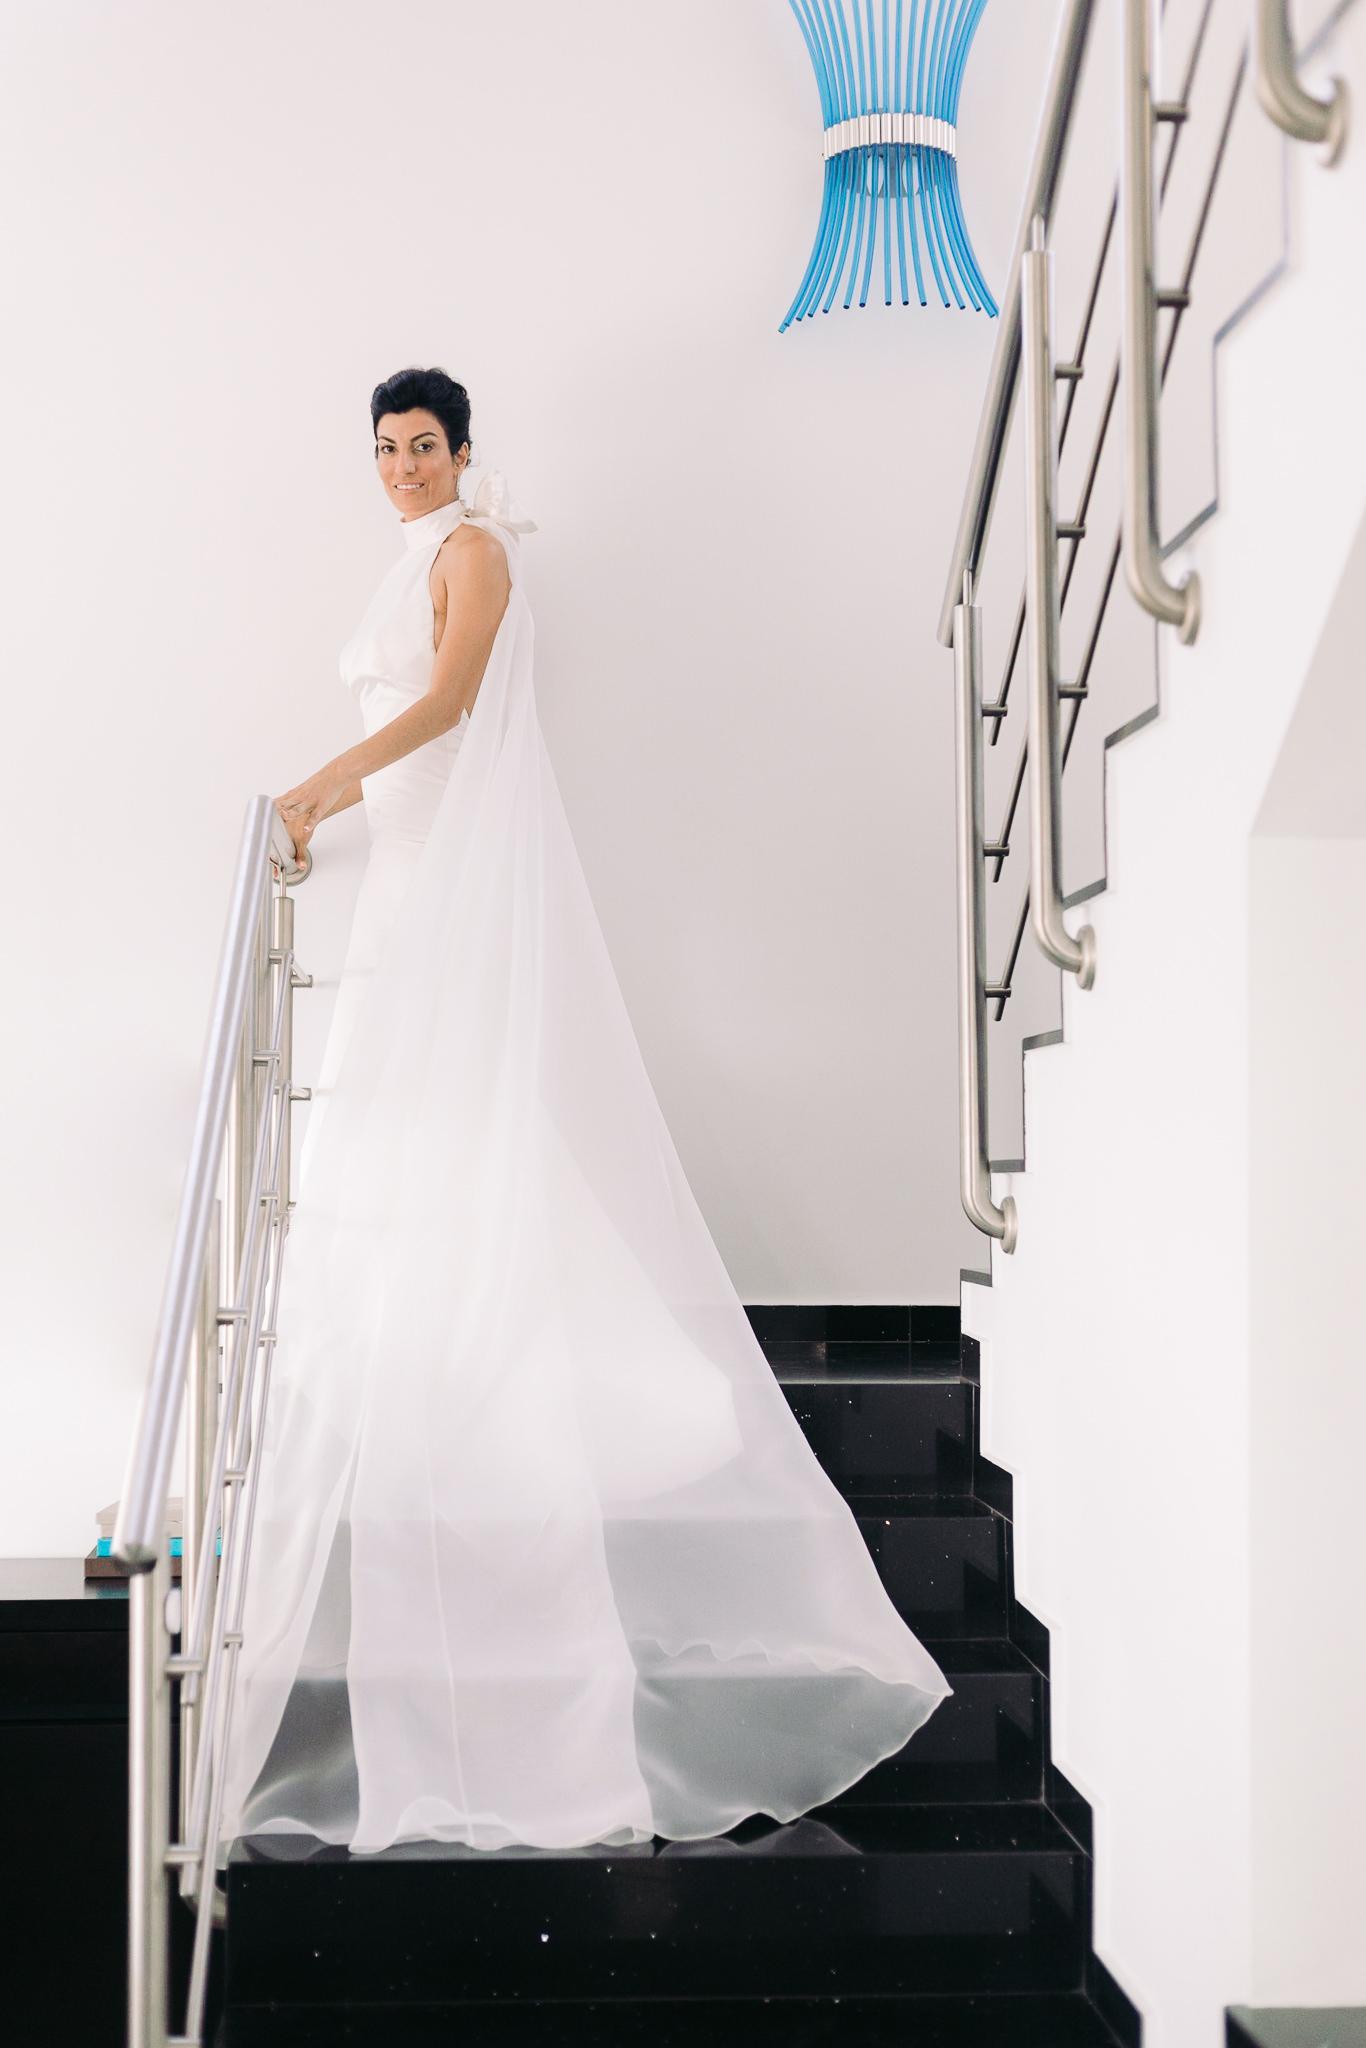 Bride-Preparation-140